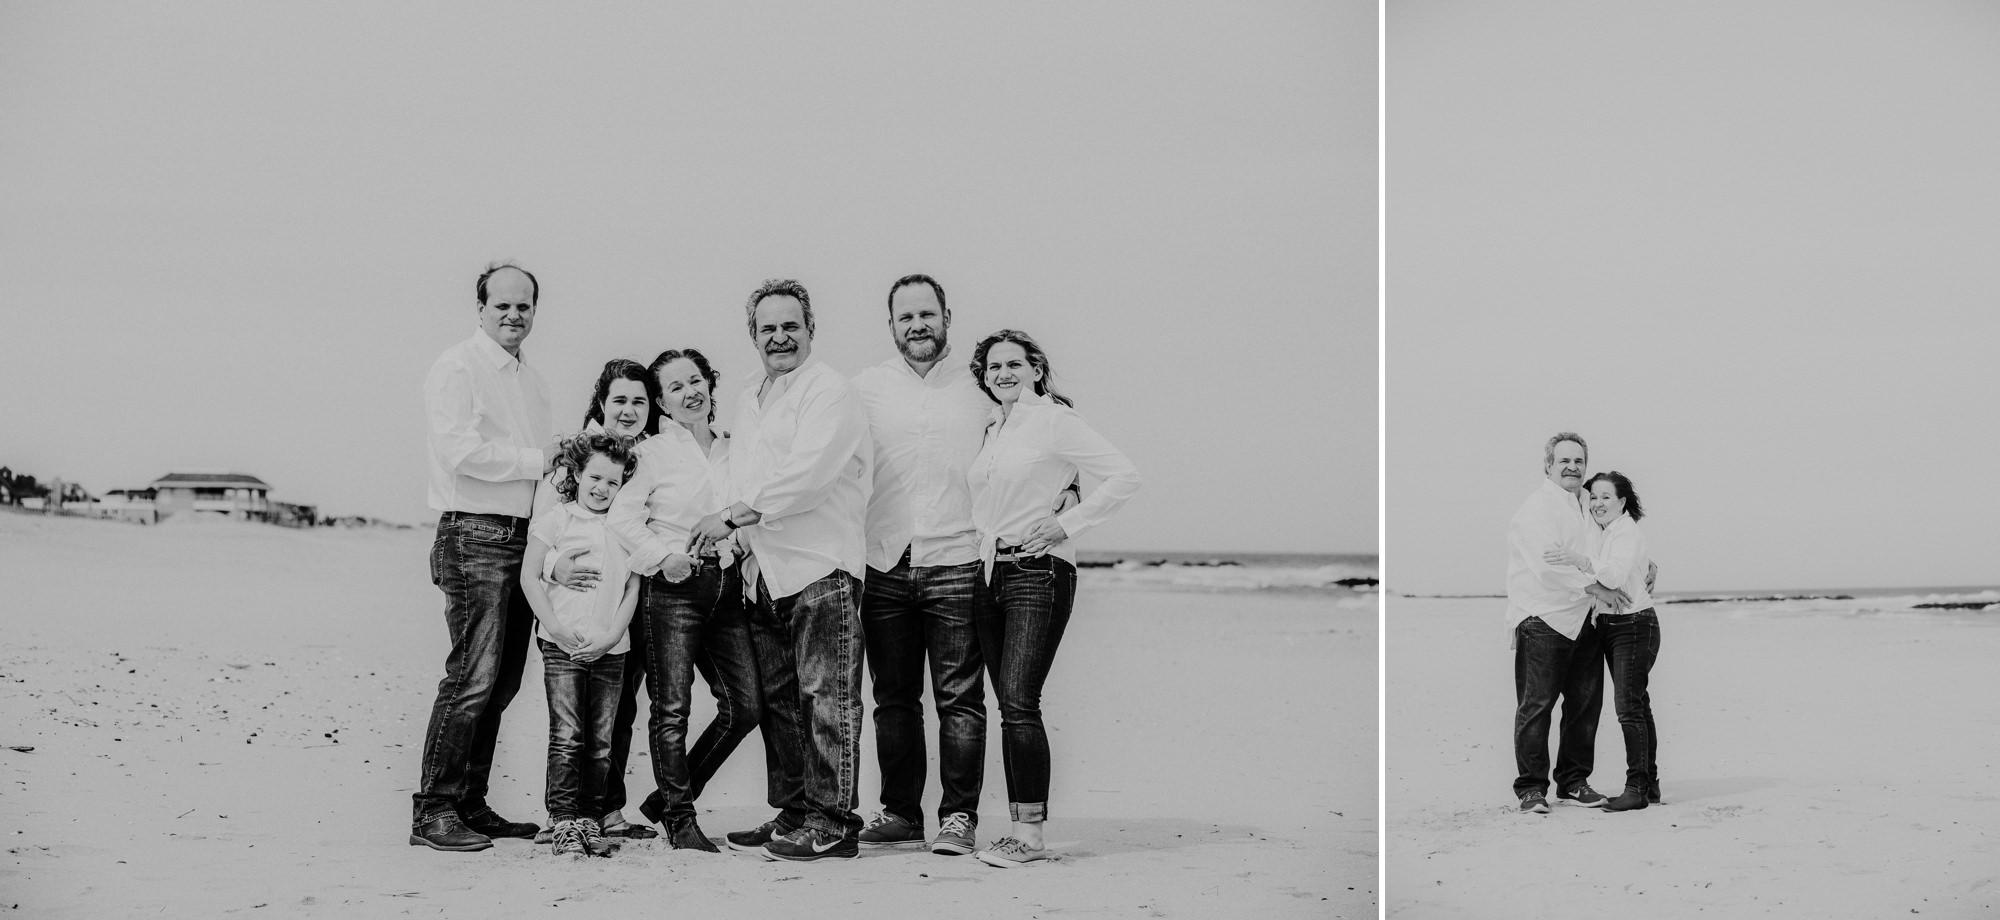 Spring Lake NJ Family Session | NJ Mini Session Photography | Family Photography | NJ Family Photography | NJ Photography | Beach Family Session Spring Lake NJ